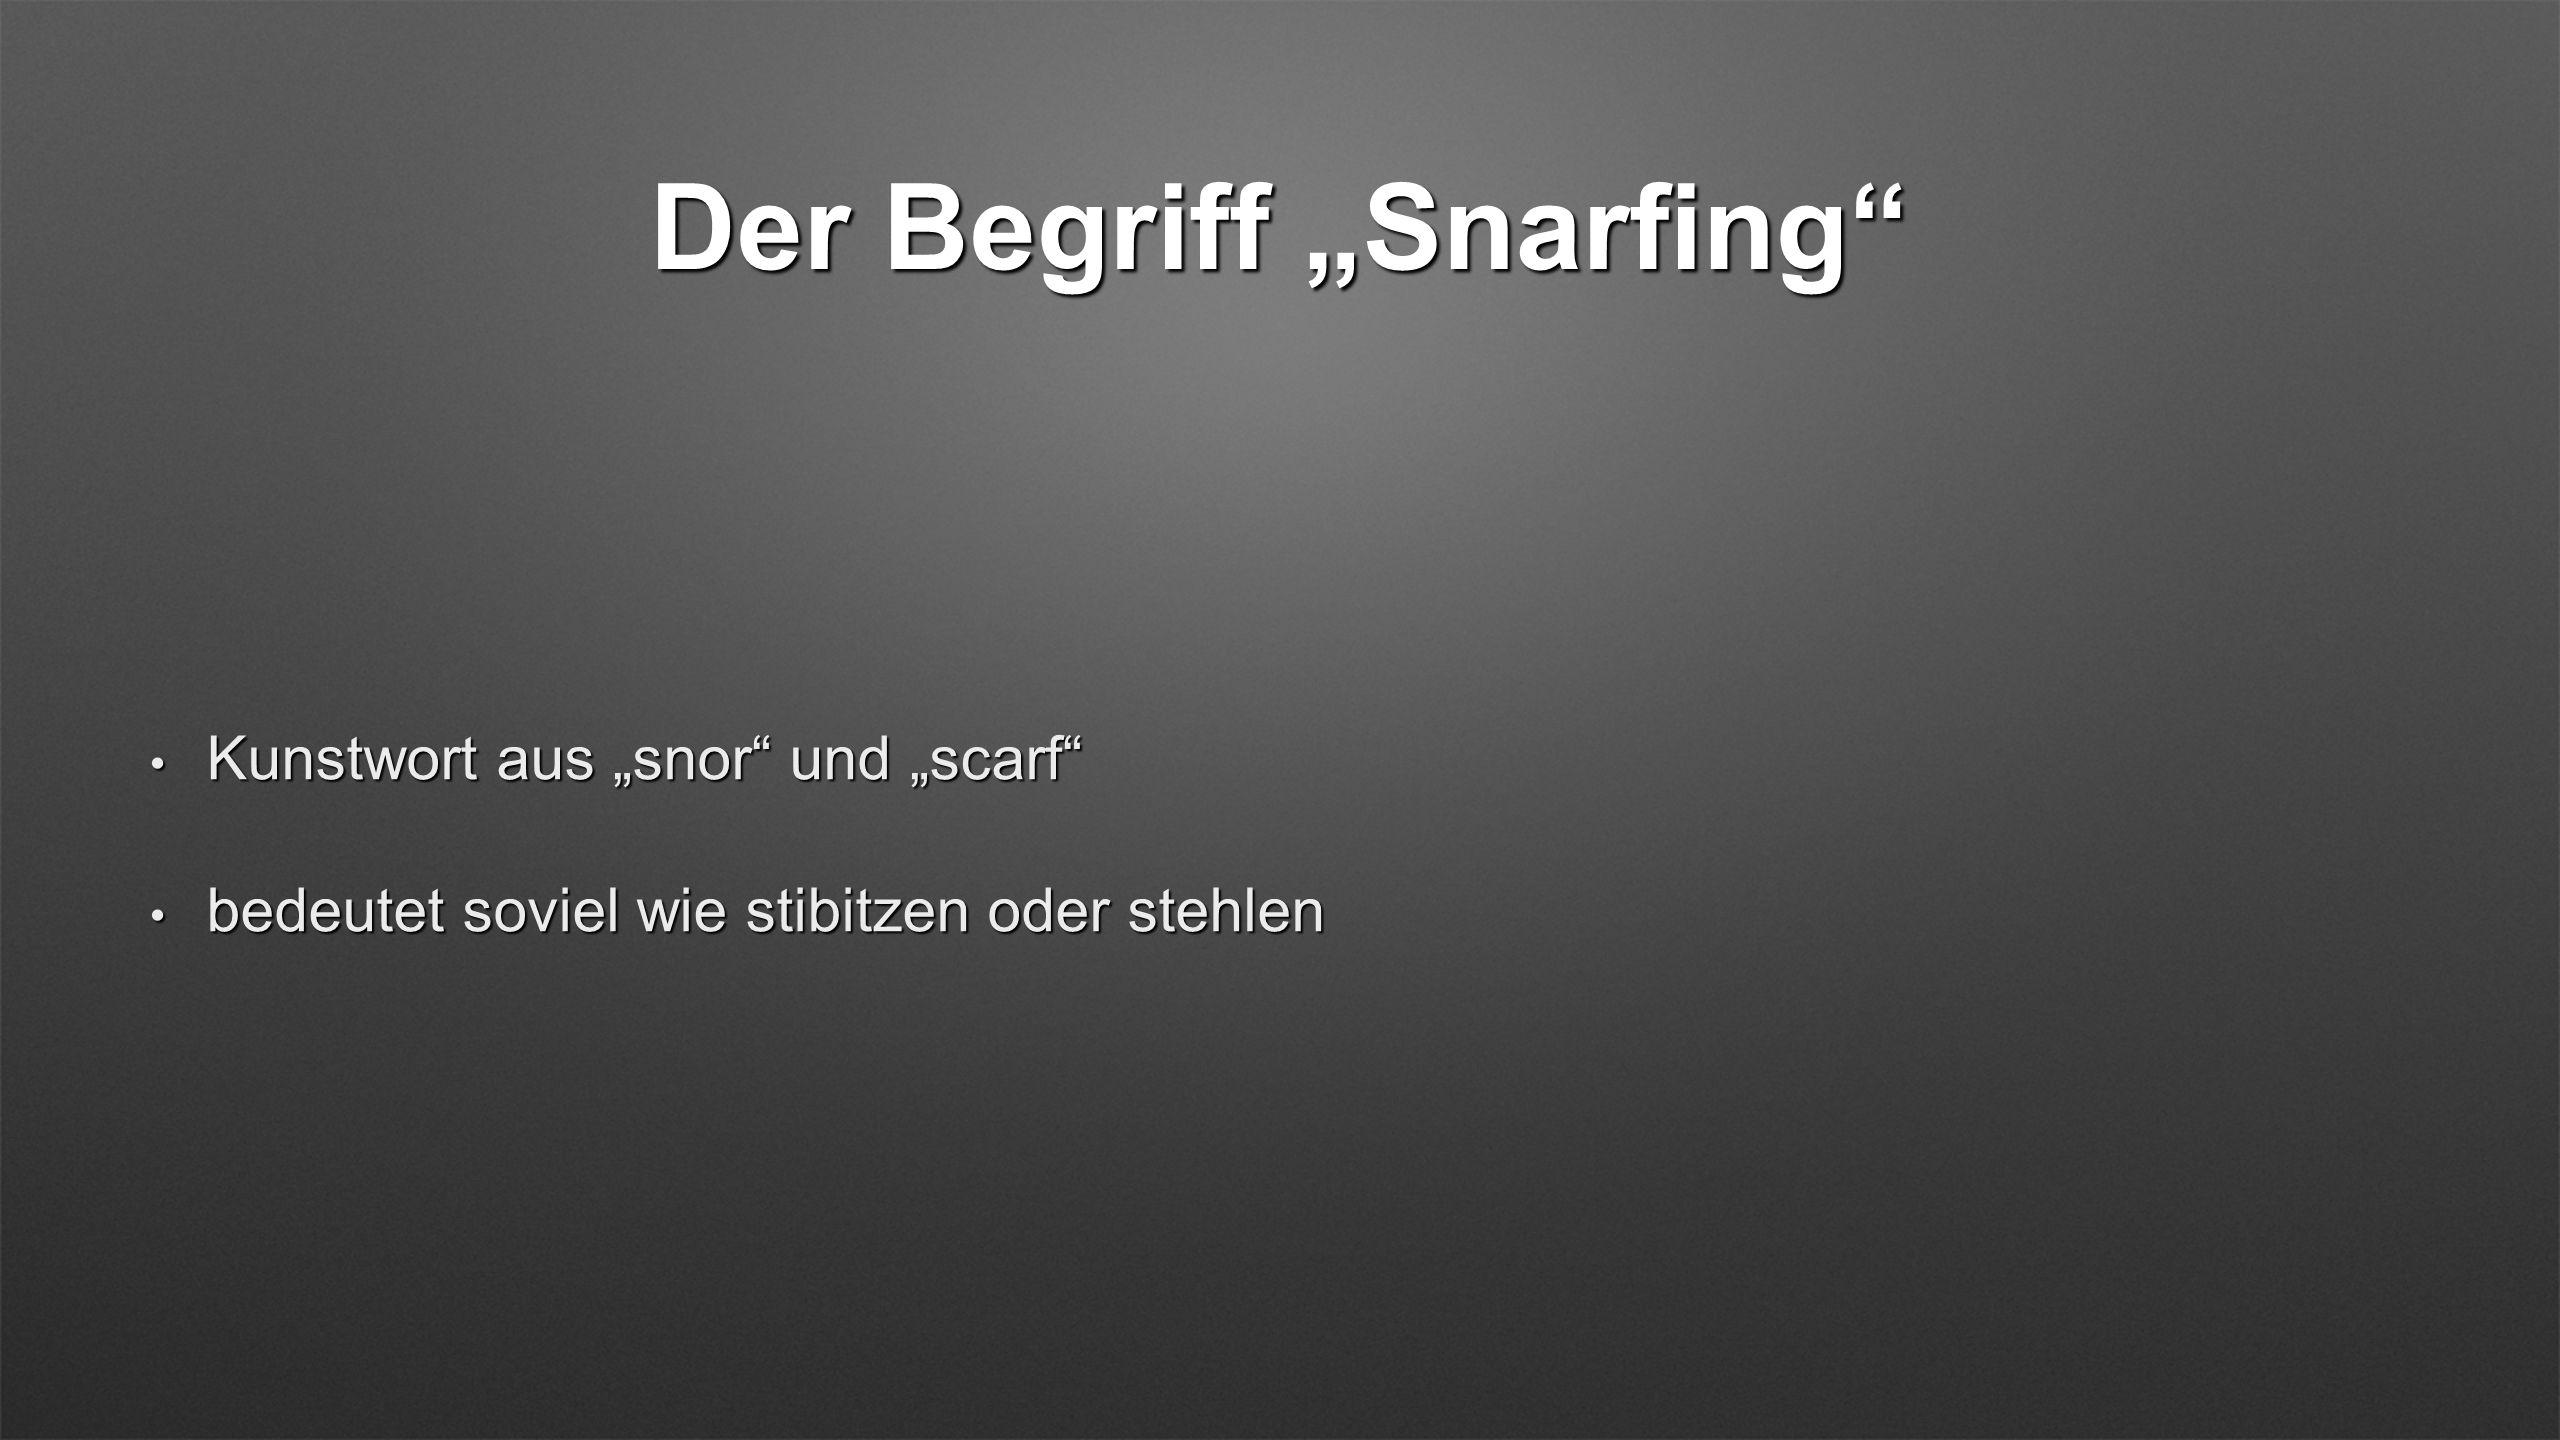 Der Begriff Snarfing Kunstwort aus snor und scarf Kunstwort aus snor und scarf bedeutet soviel wie stibitzen oder stehlen bedeutet soviel wie stibitzen oder stehlen